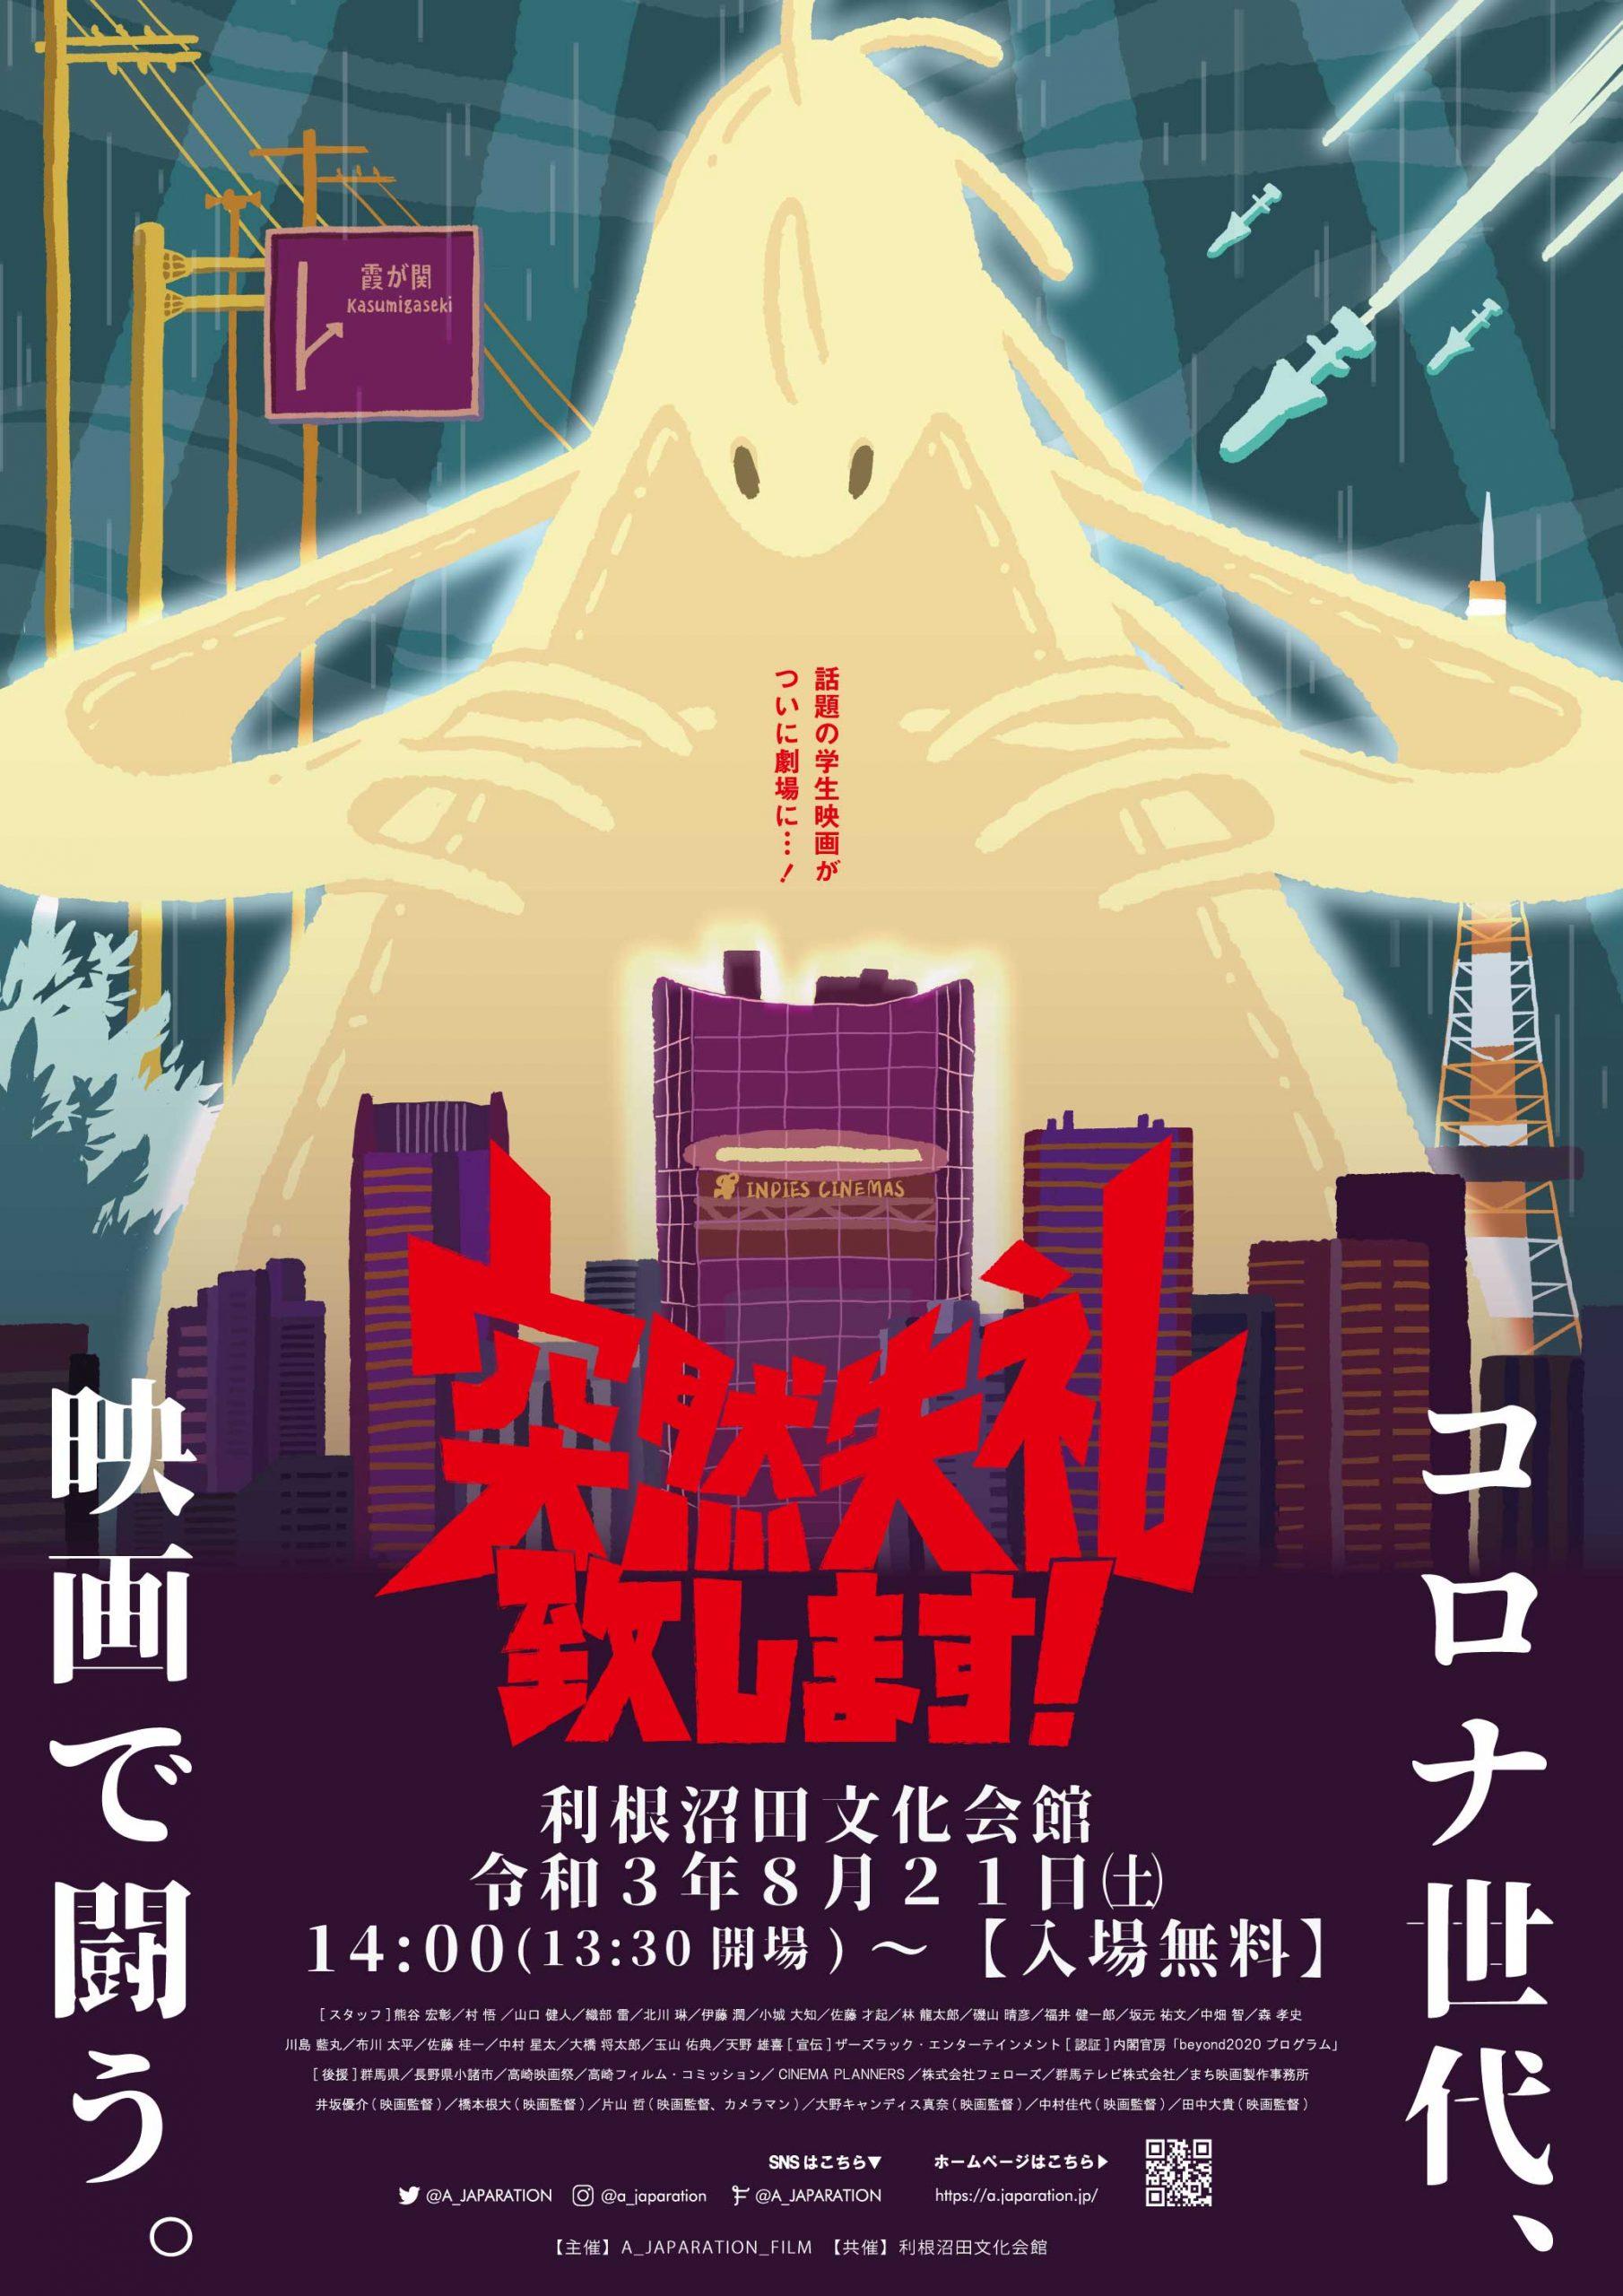 【群馬大学 公式】群馬大学映画部【MEMENTO】の熊谷宏彰さんがFM-OZEに出演します(2021年8月2日)